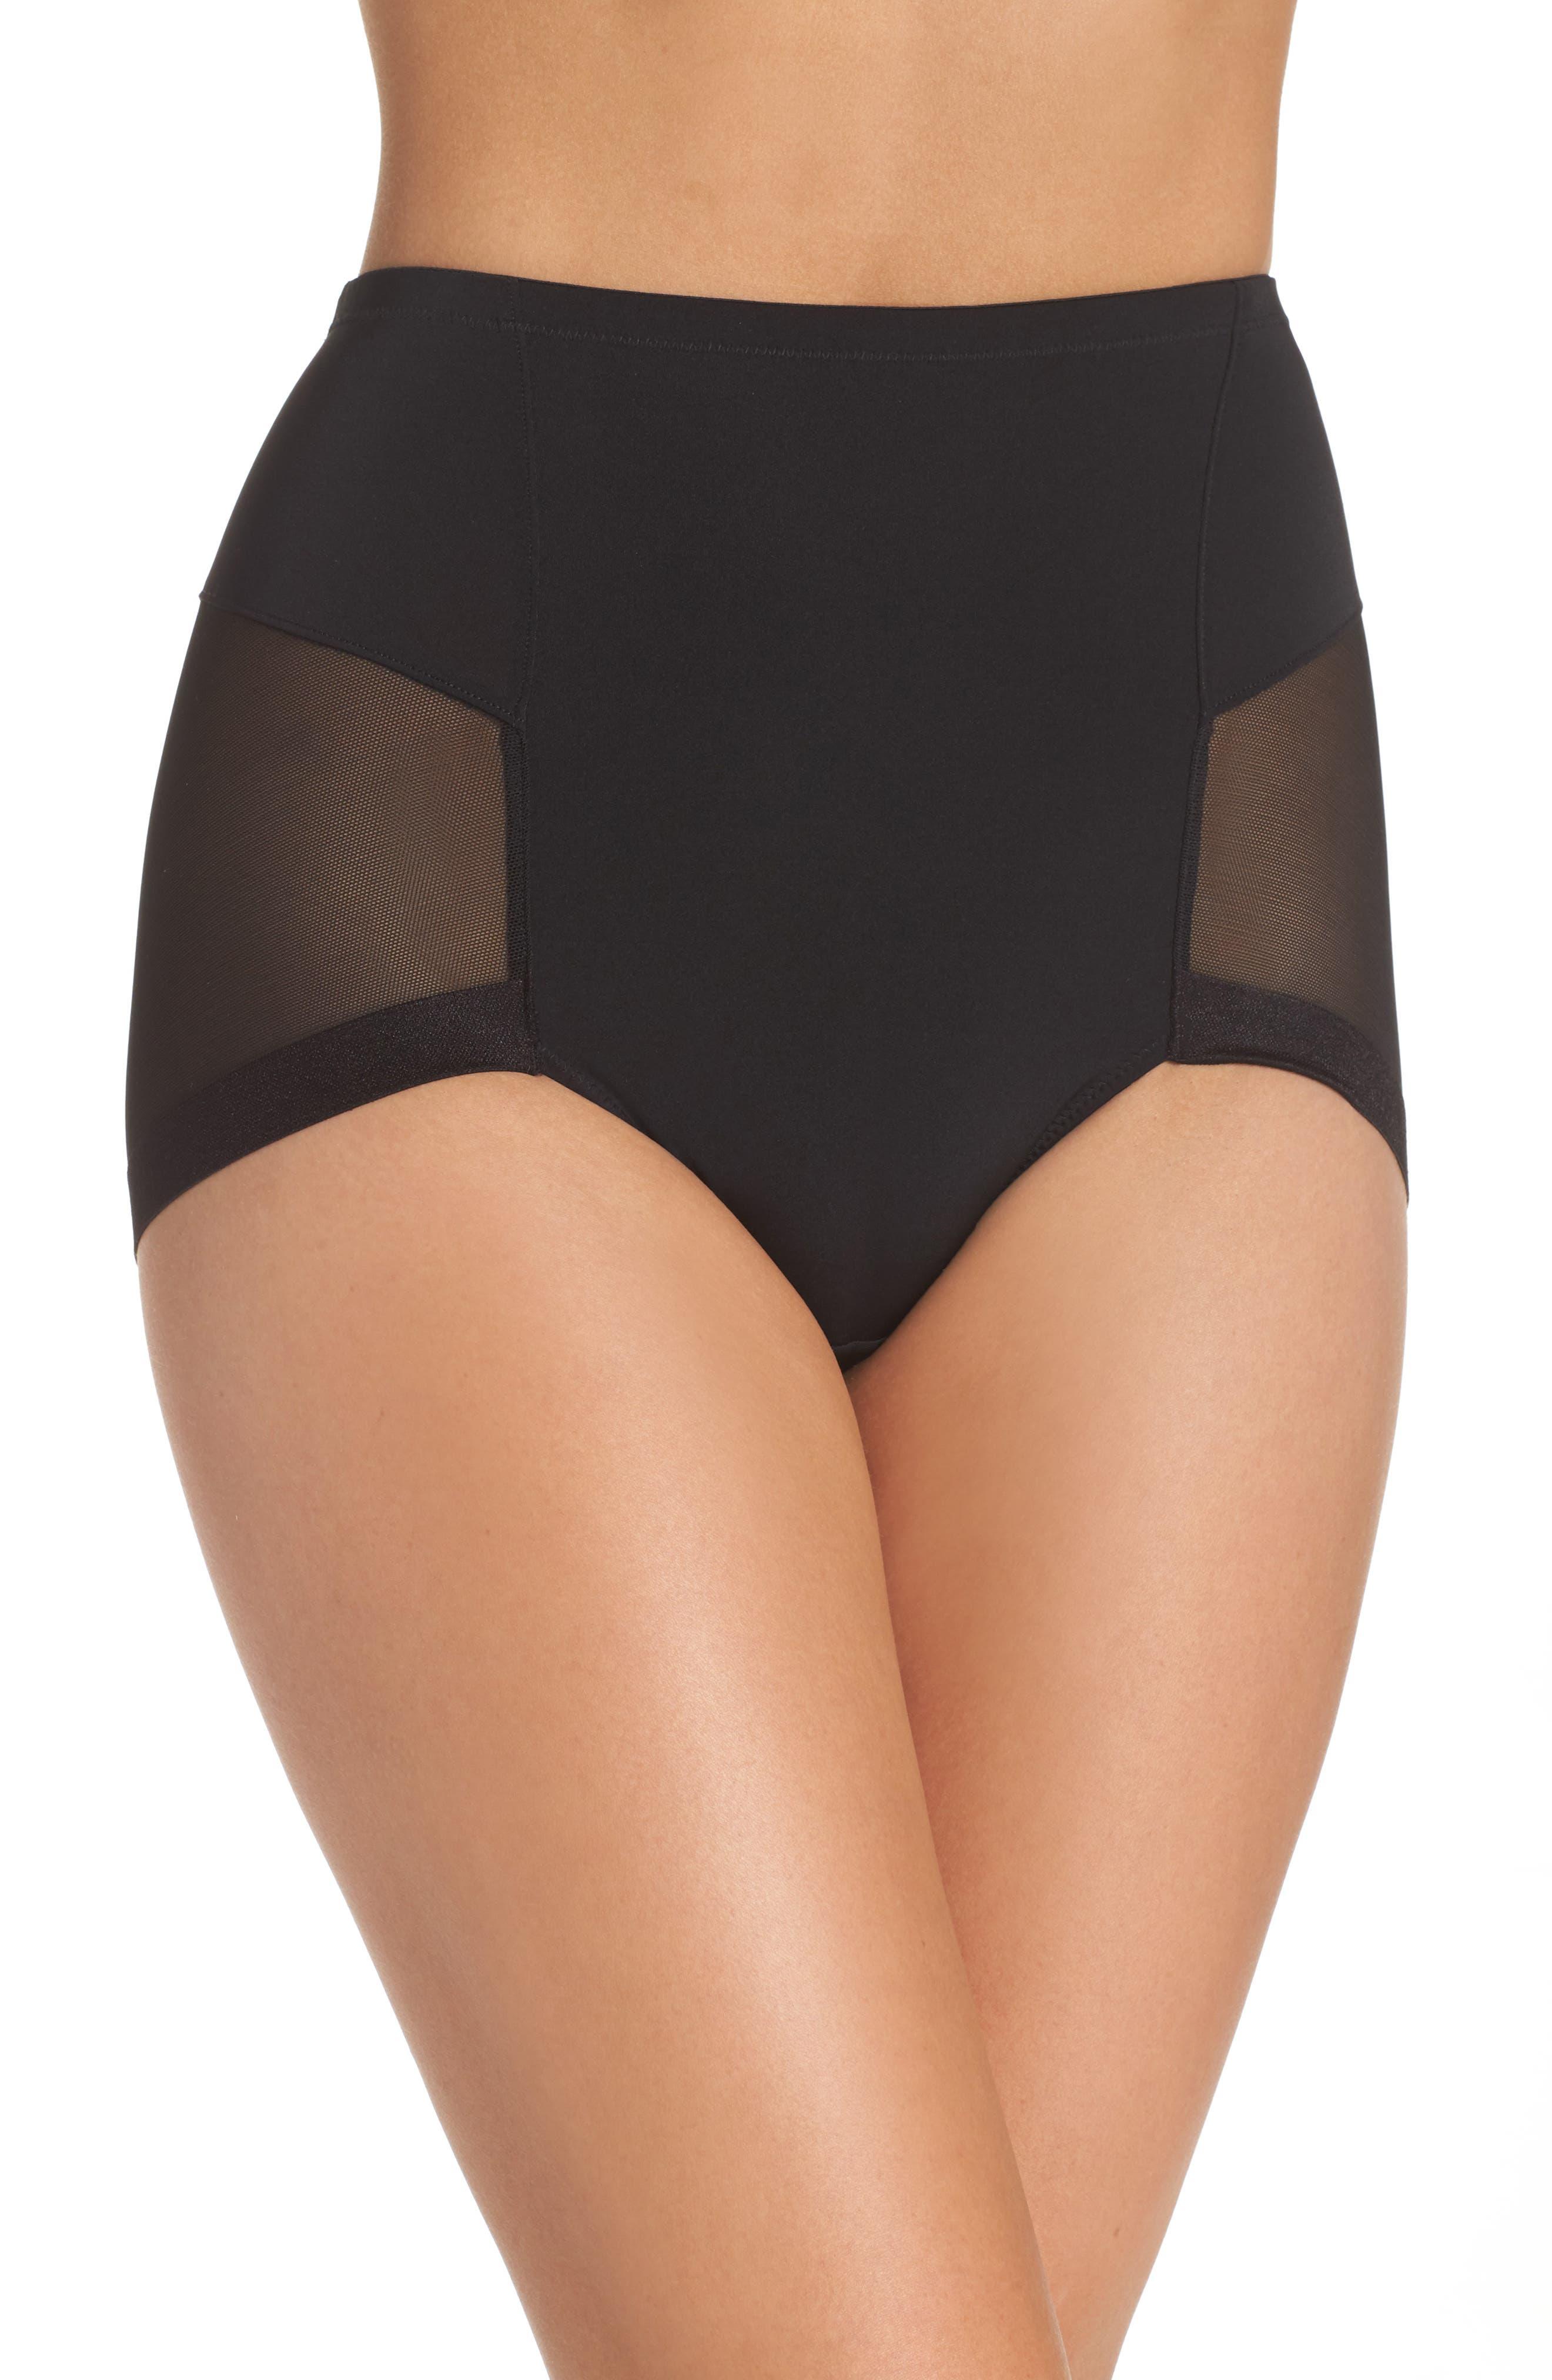 Infinite High Waist Shaper Panties,                         Main,                         color, Black